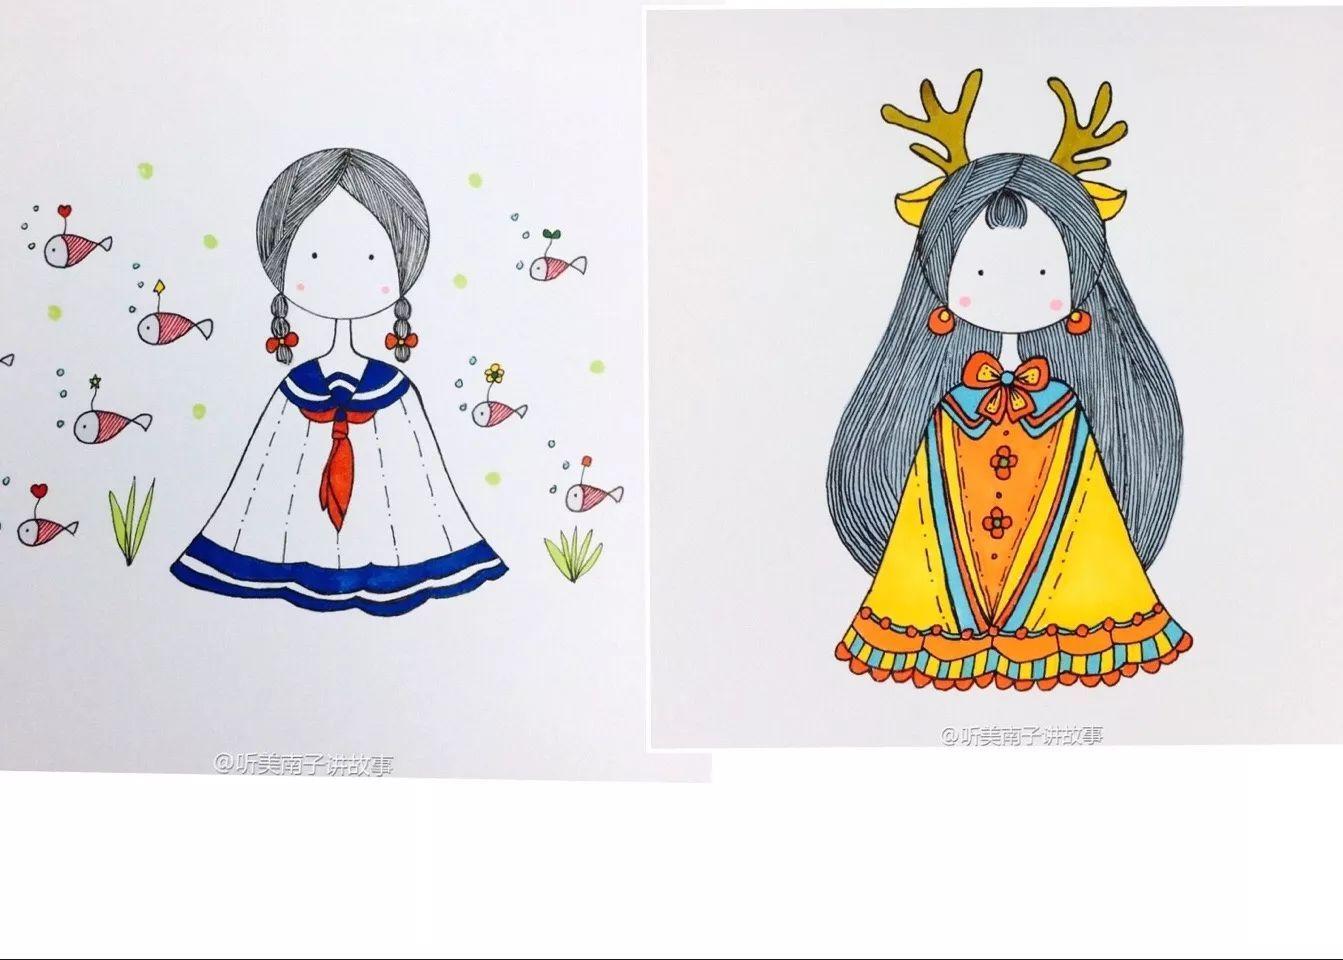 简笔画教程 | 简笔画女孩麋鹿少女